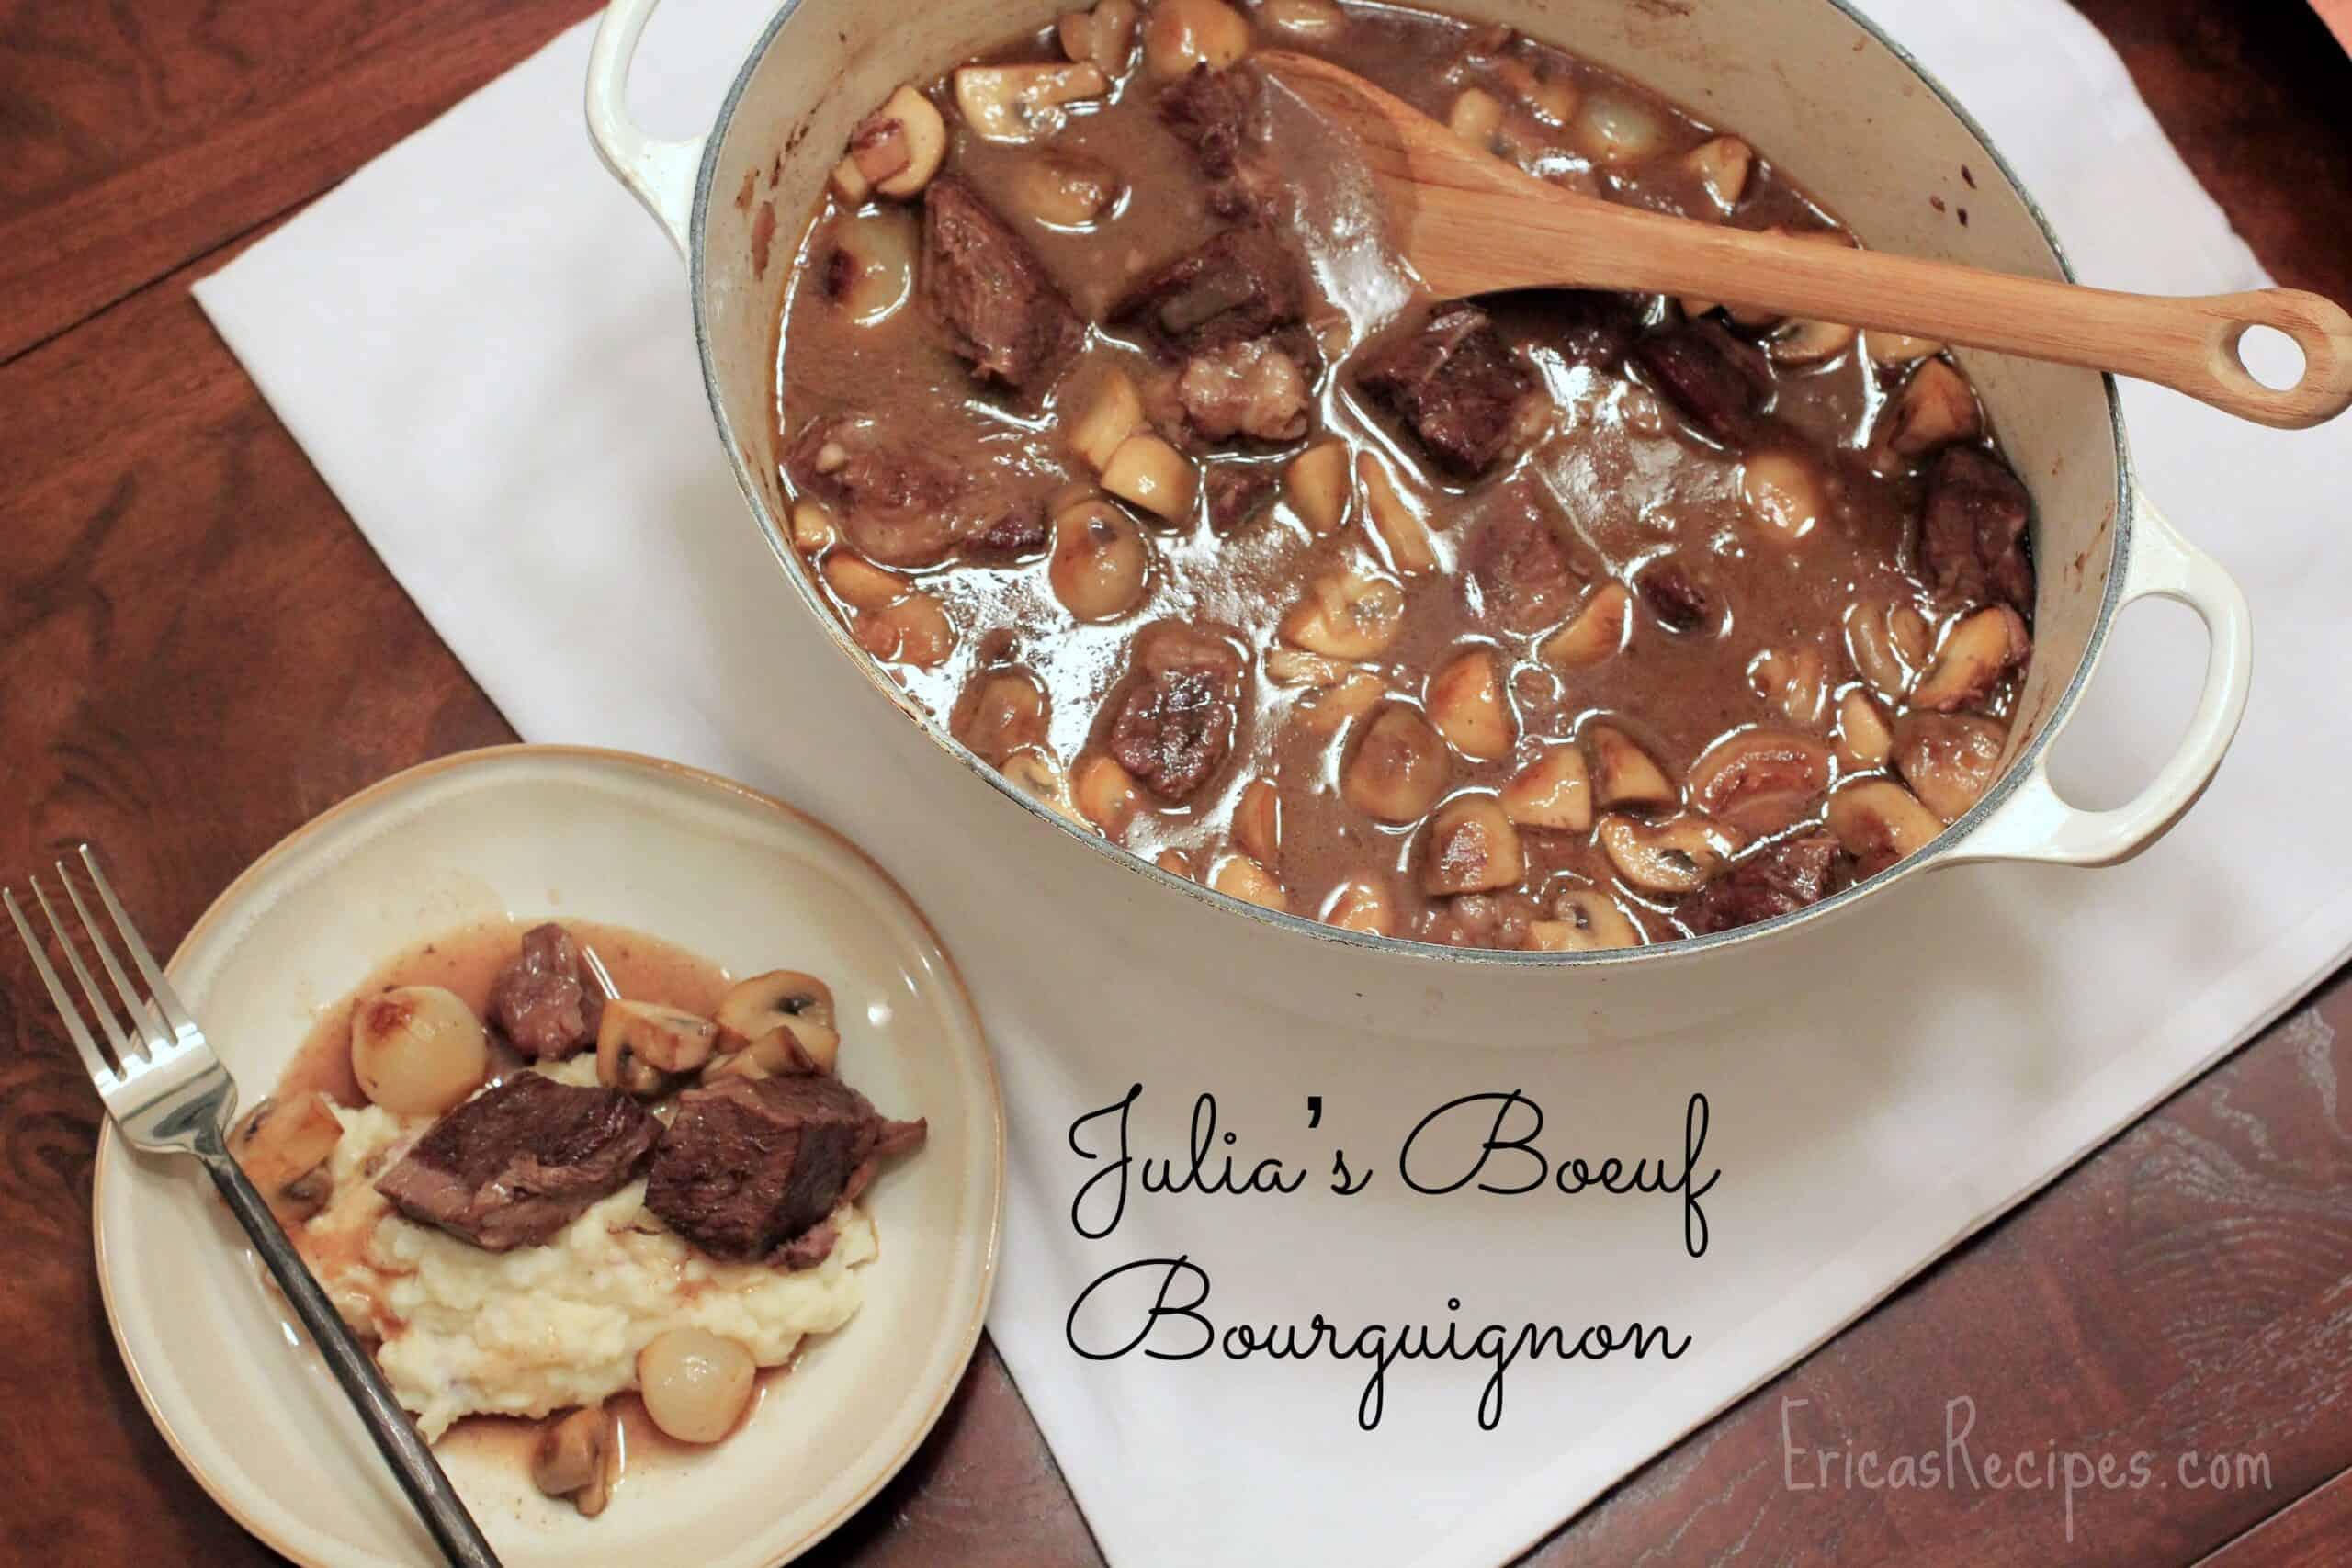 Julia's Boeuf Bourguignon